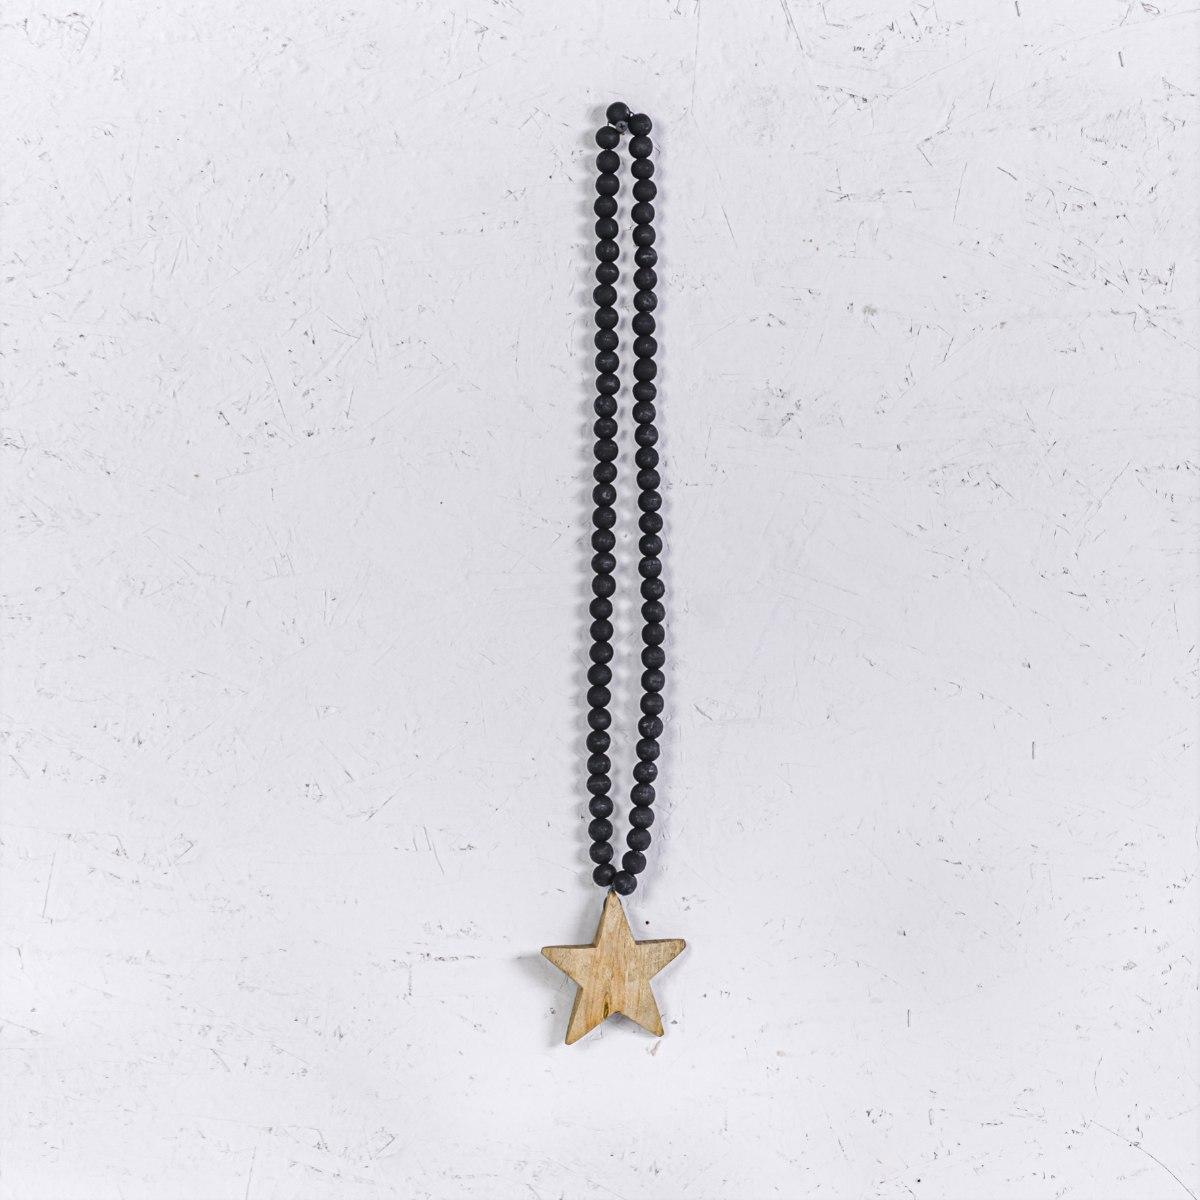 שרשרת חרוזי עץ שחור עם כוכב טבעי